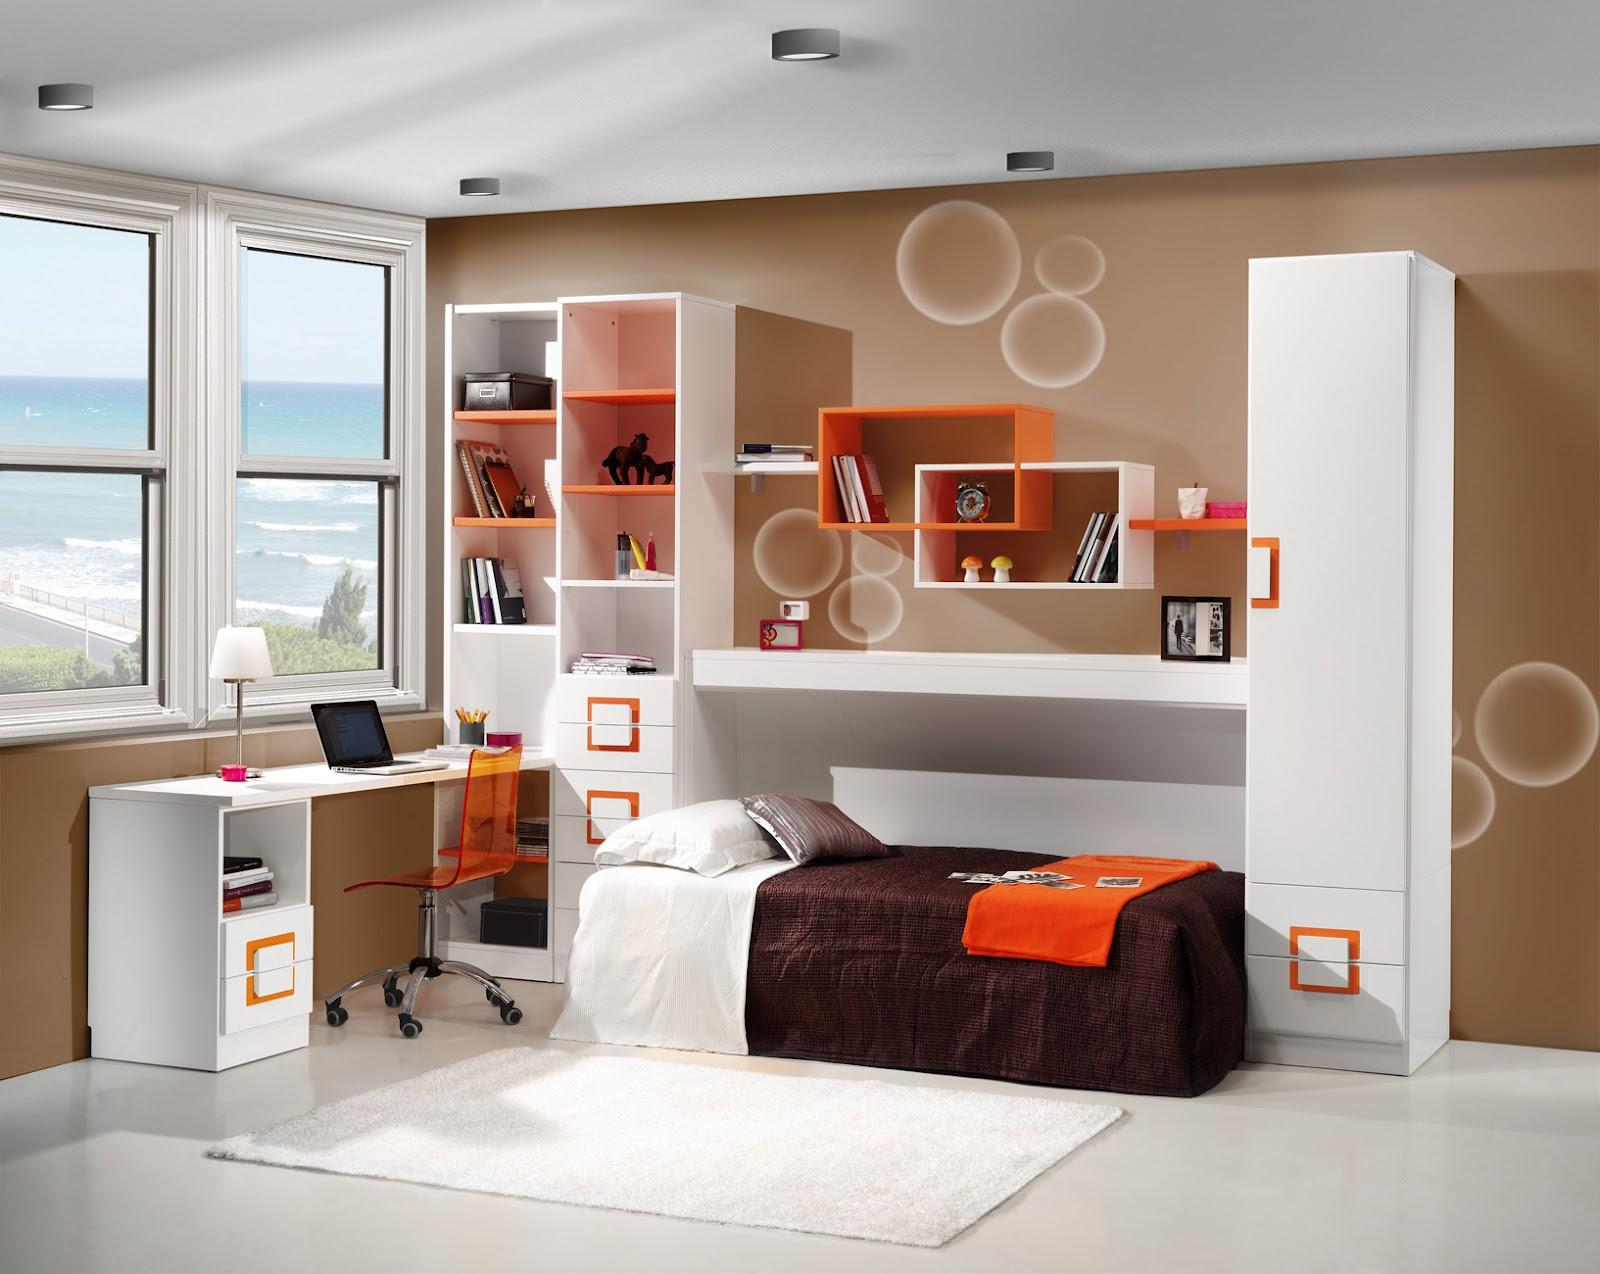 Ideas para amueblar dormitorio juvenil - Decorar dormitorio juvenil ...